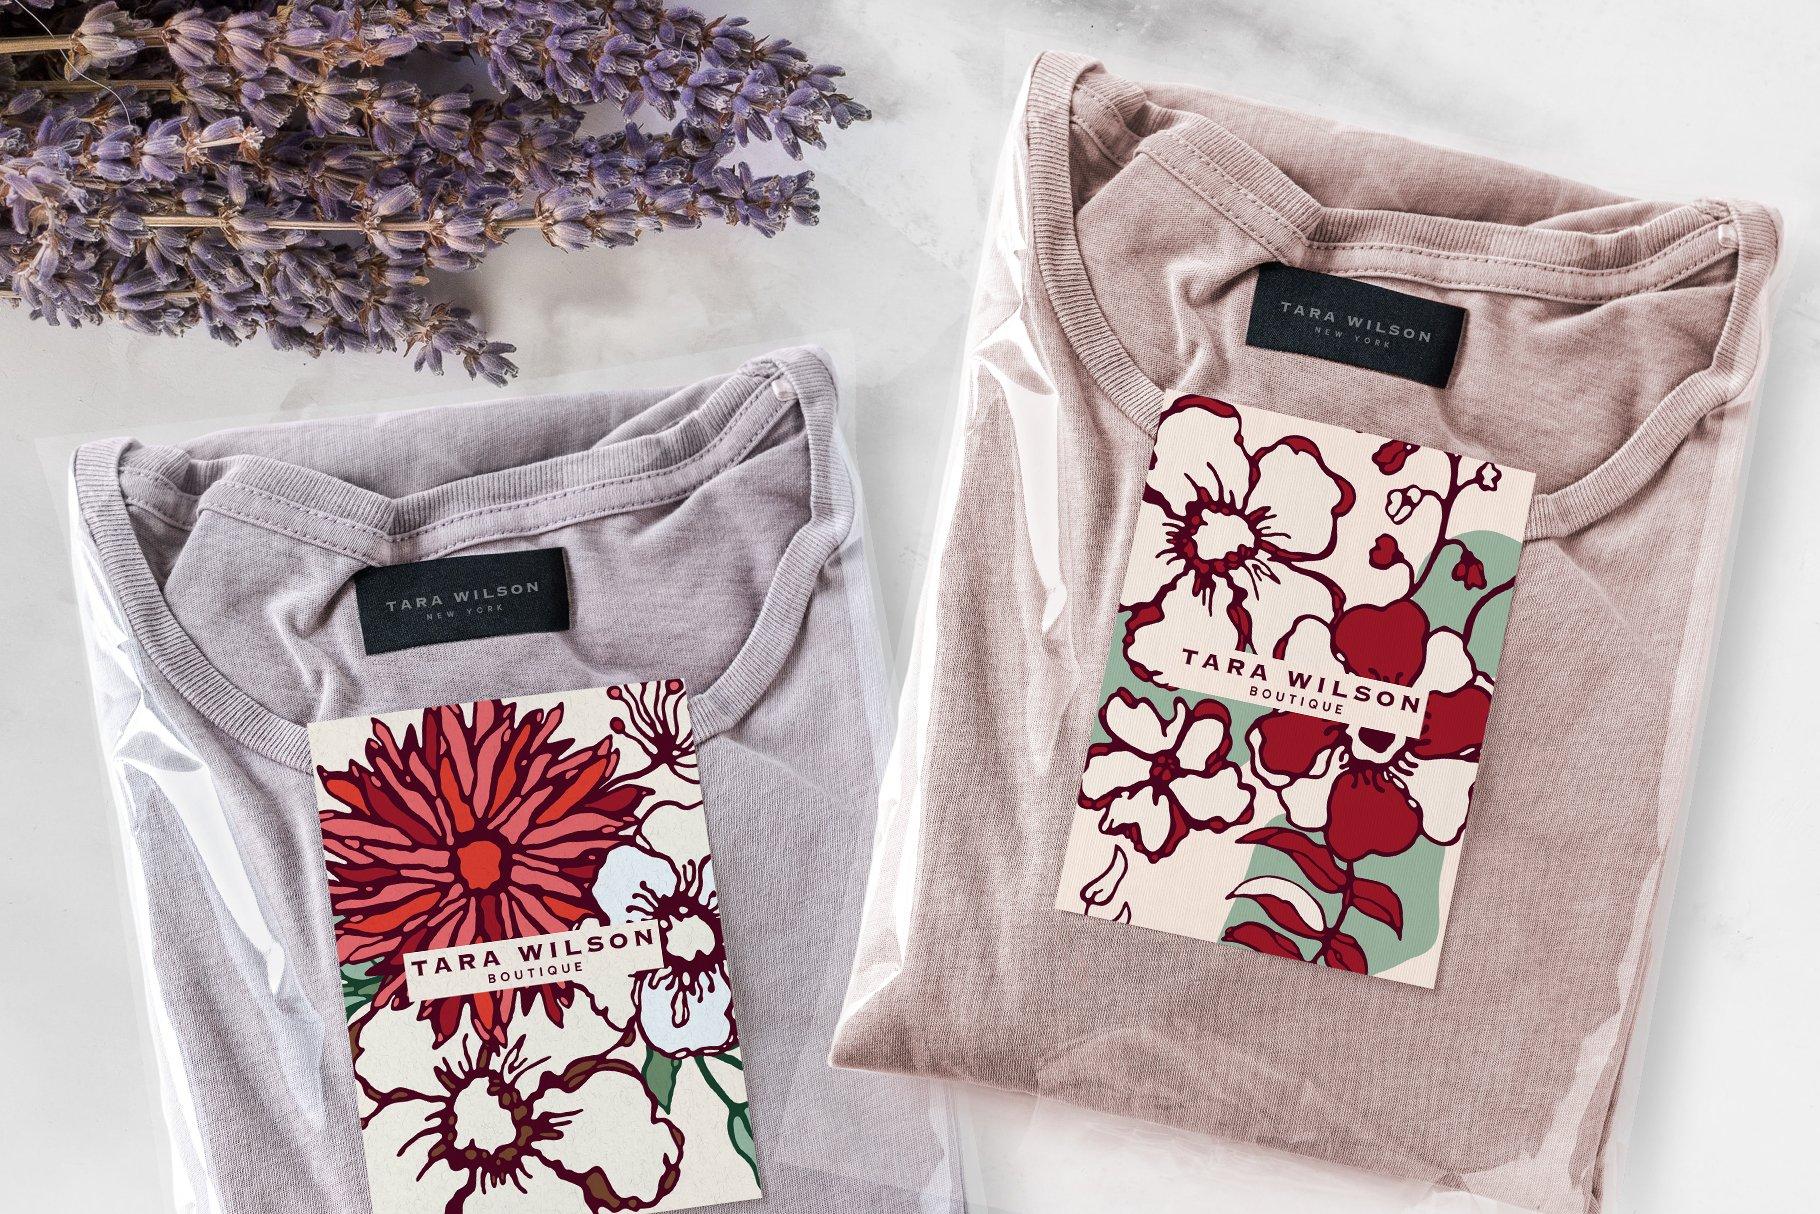 150多款时尚优雅花卉框架抽象形状手绘插画设计素材 Winter Floral Patterns & Elements插图28